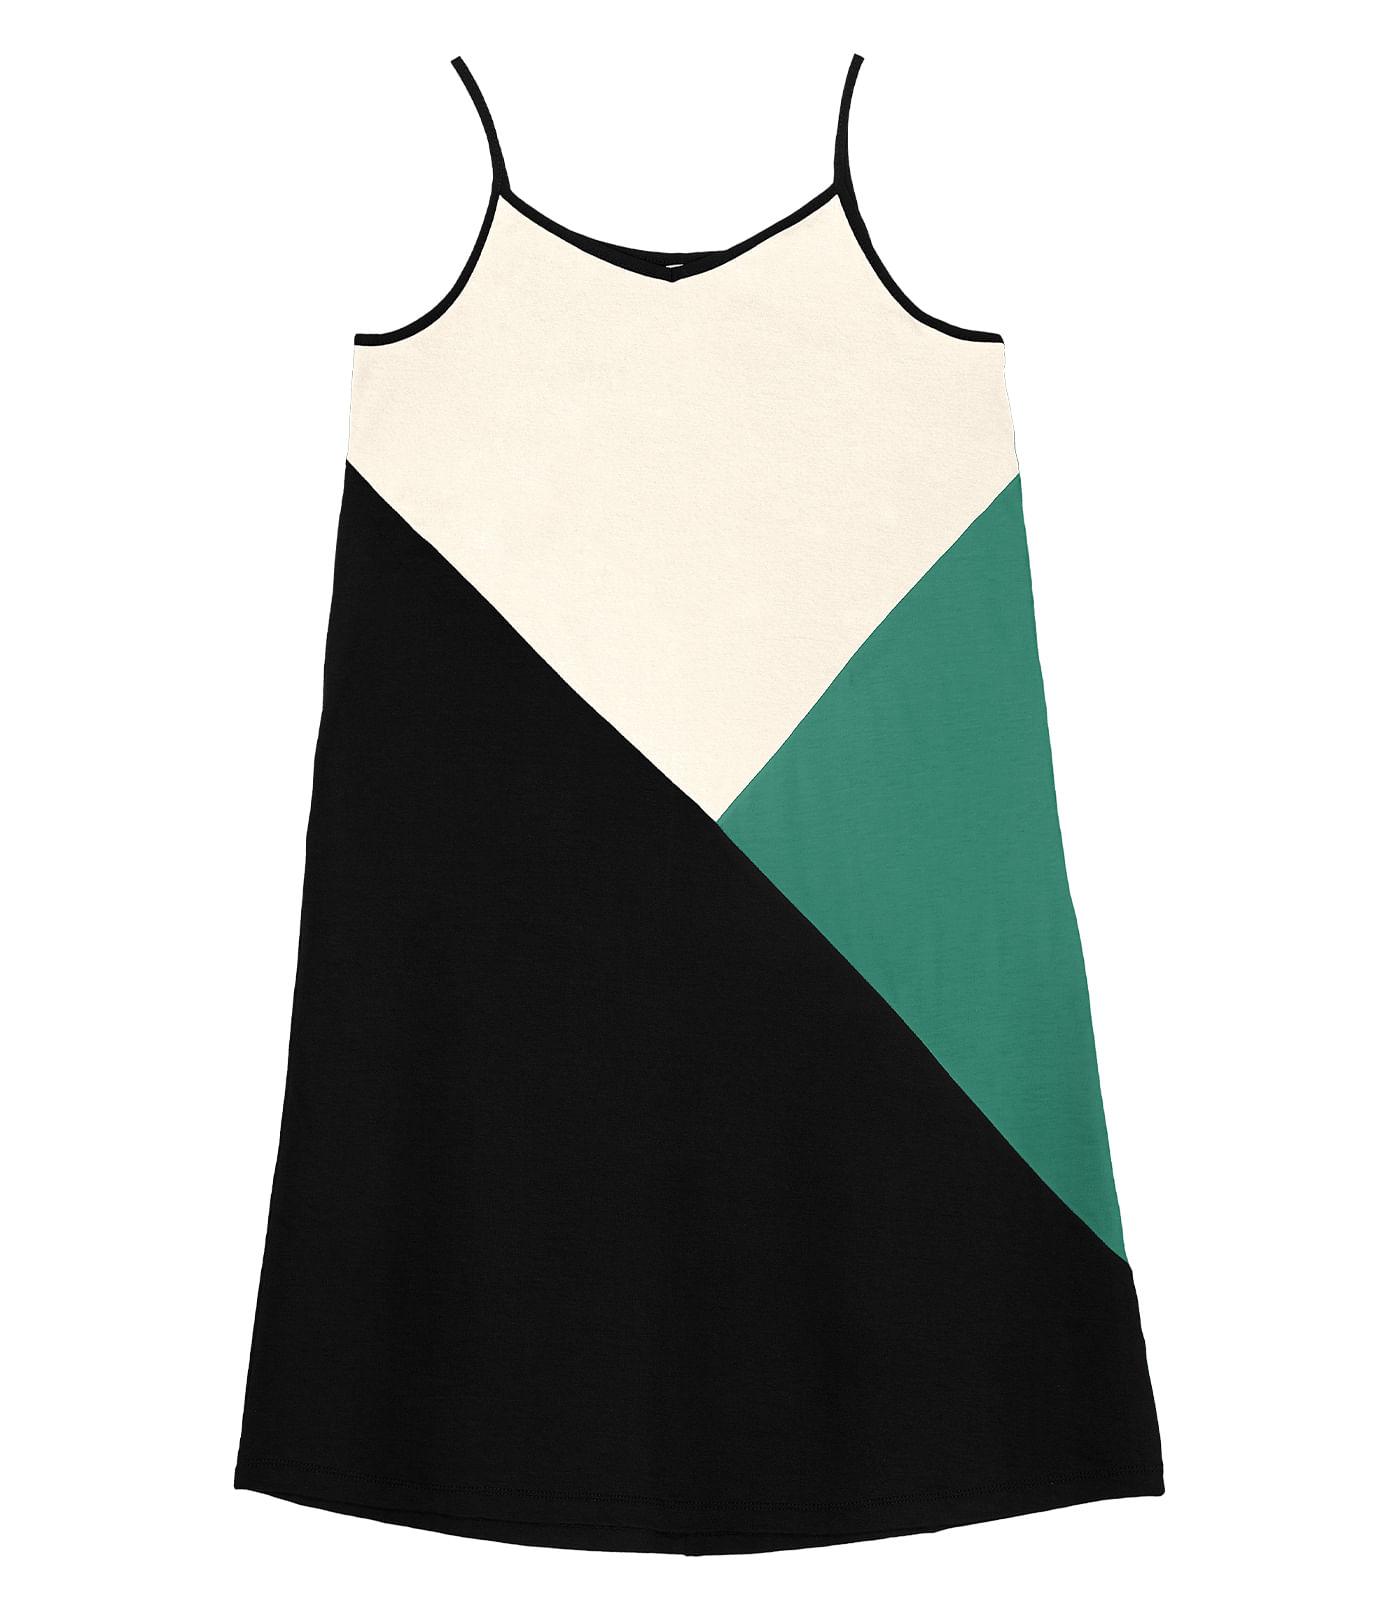 Vestido-Feminino-Curto-Tricolor-Rovitex-Preto